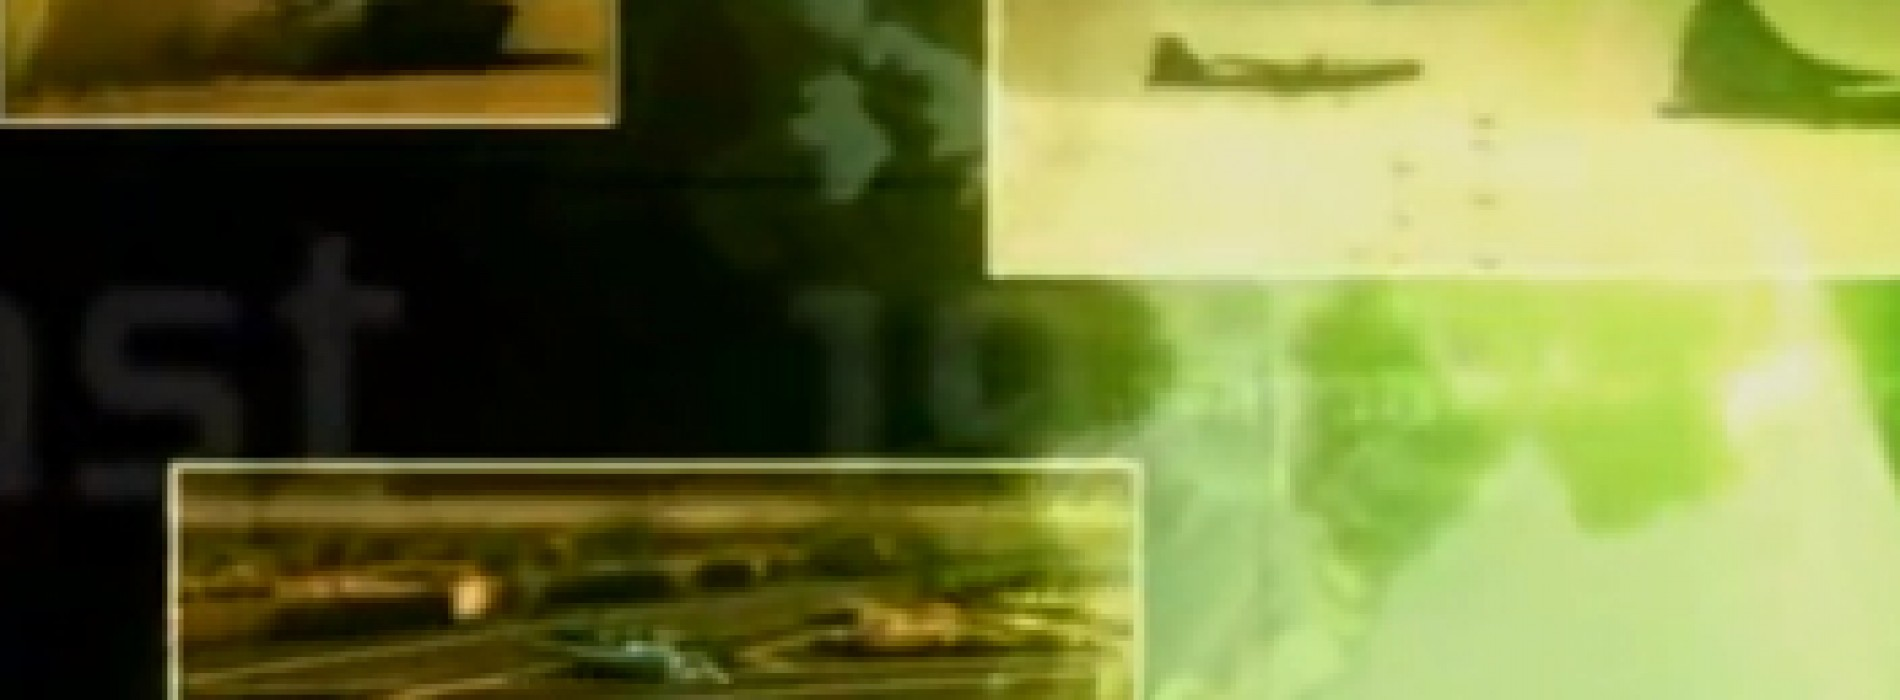 [ وثائقي مترجم ] حرب الخليج الثانية 1991 أرض المعركة